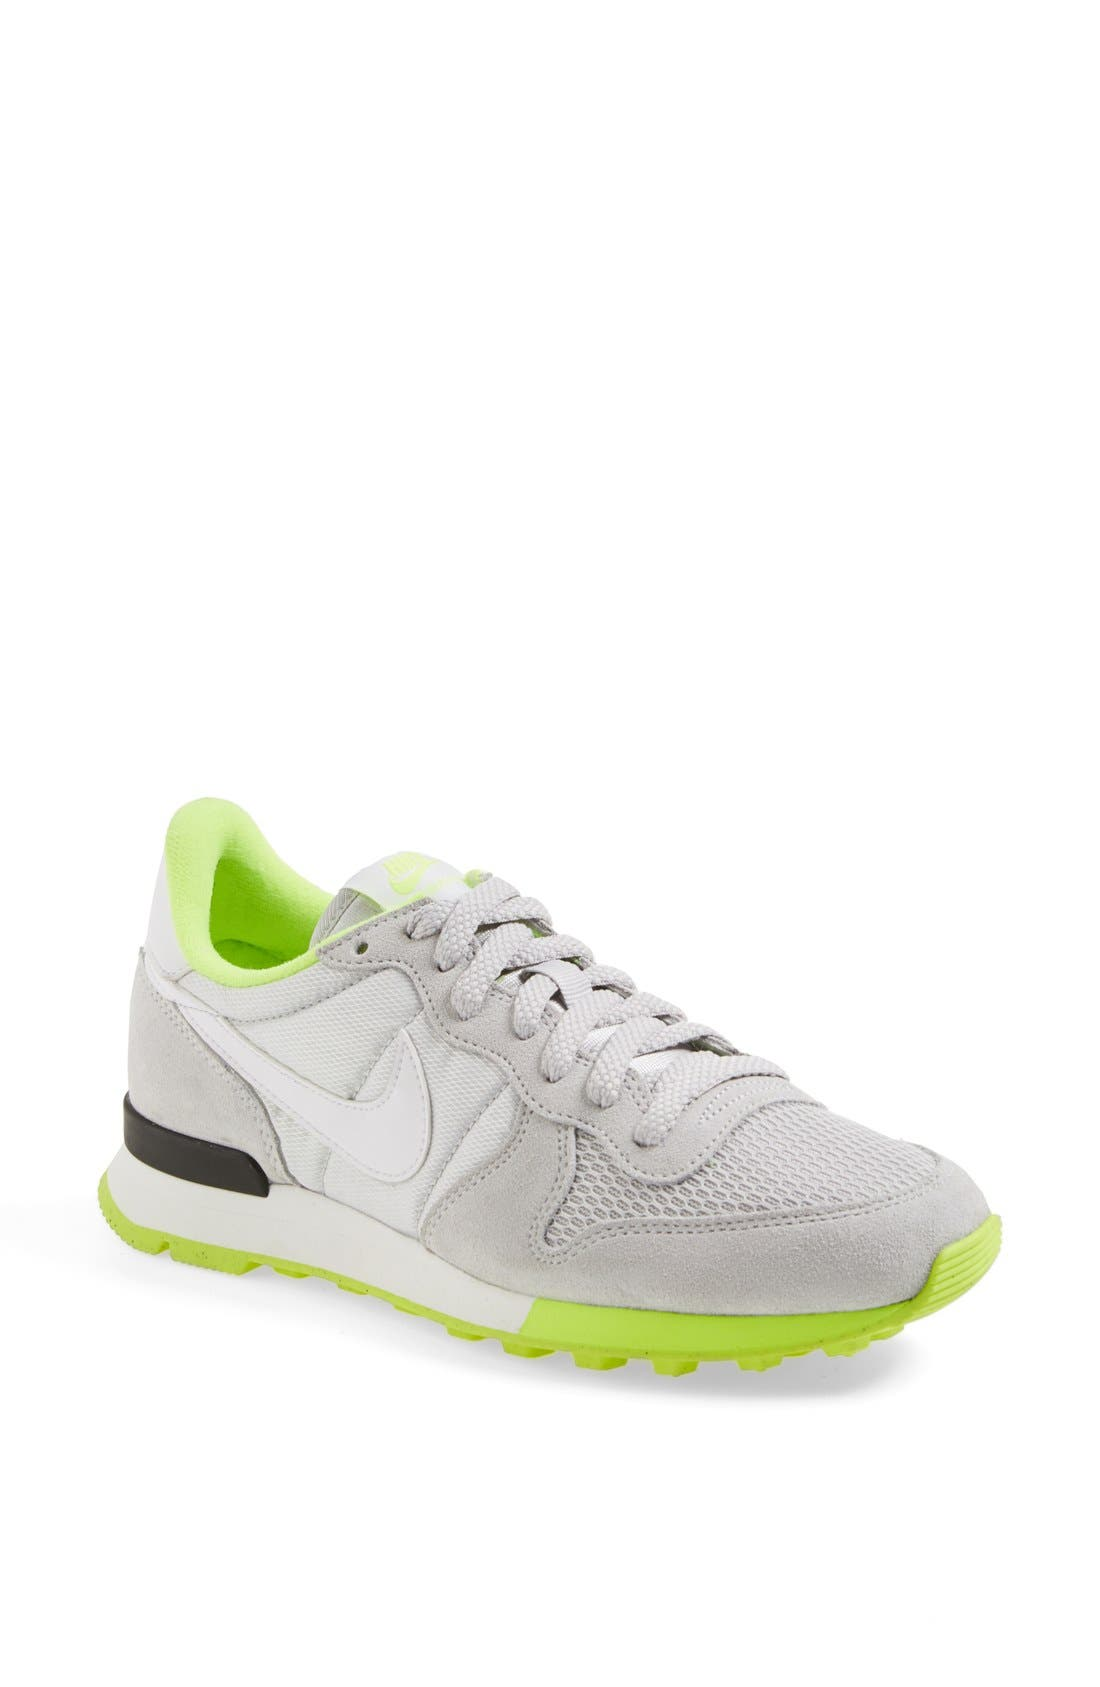 Main Image - Nike 'Internationalist' Sneaker (Women)